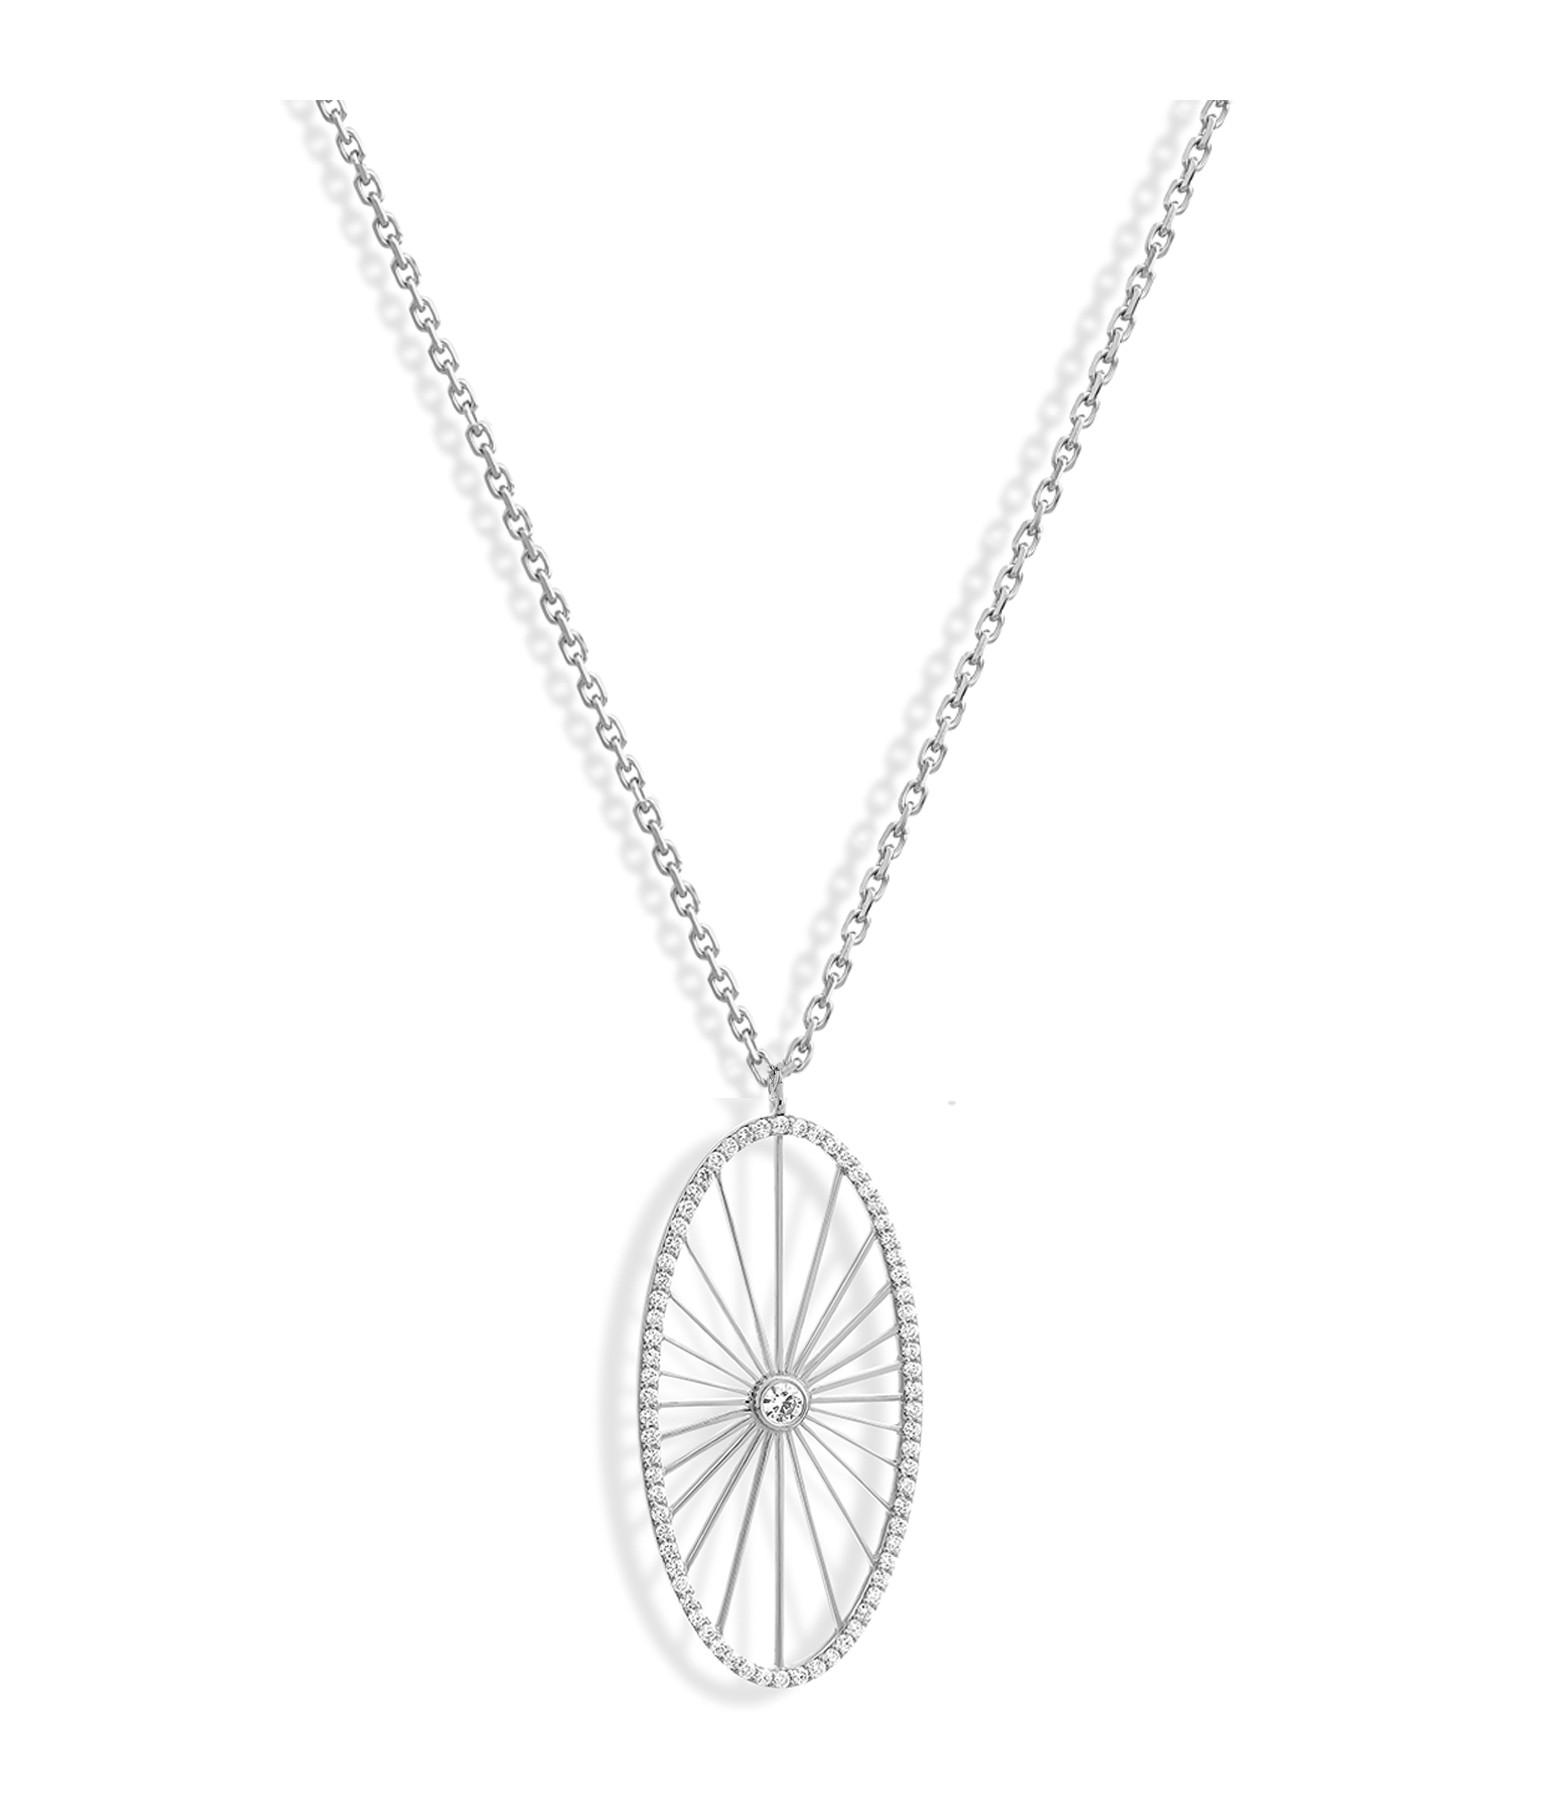 NAVA JOAILLERIE - Sautoir Cheyenne Ovale Diamants Or Blanc